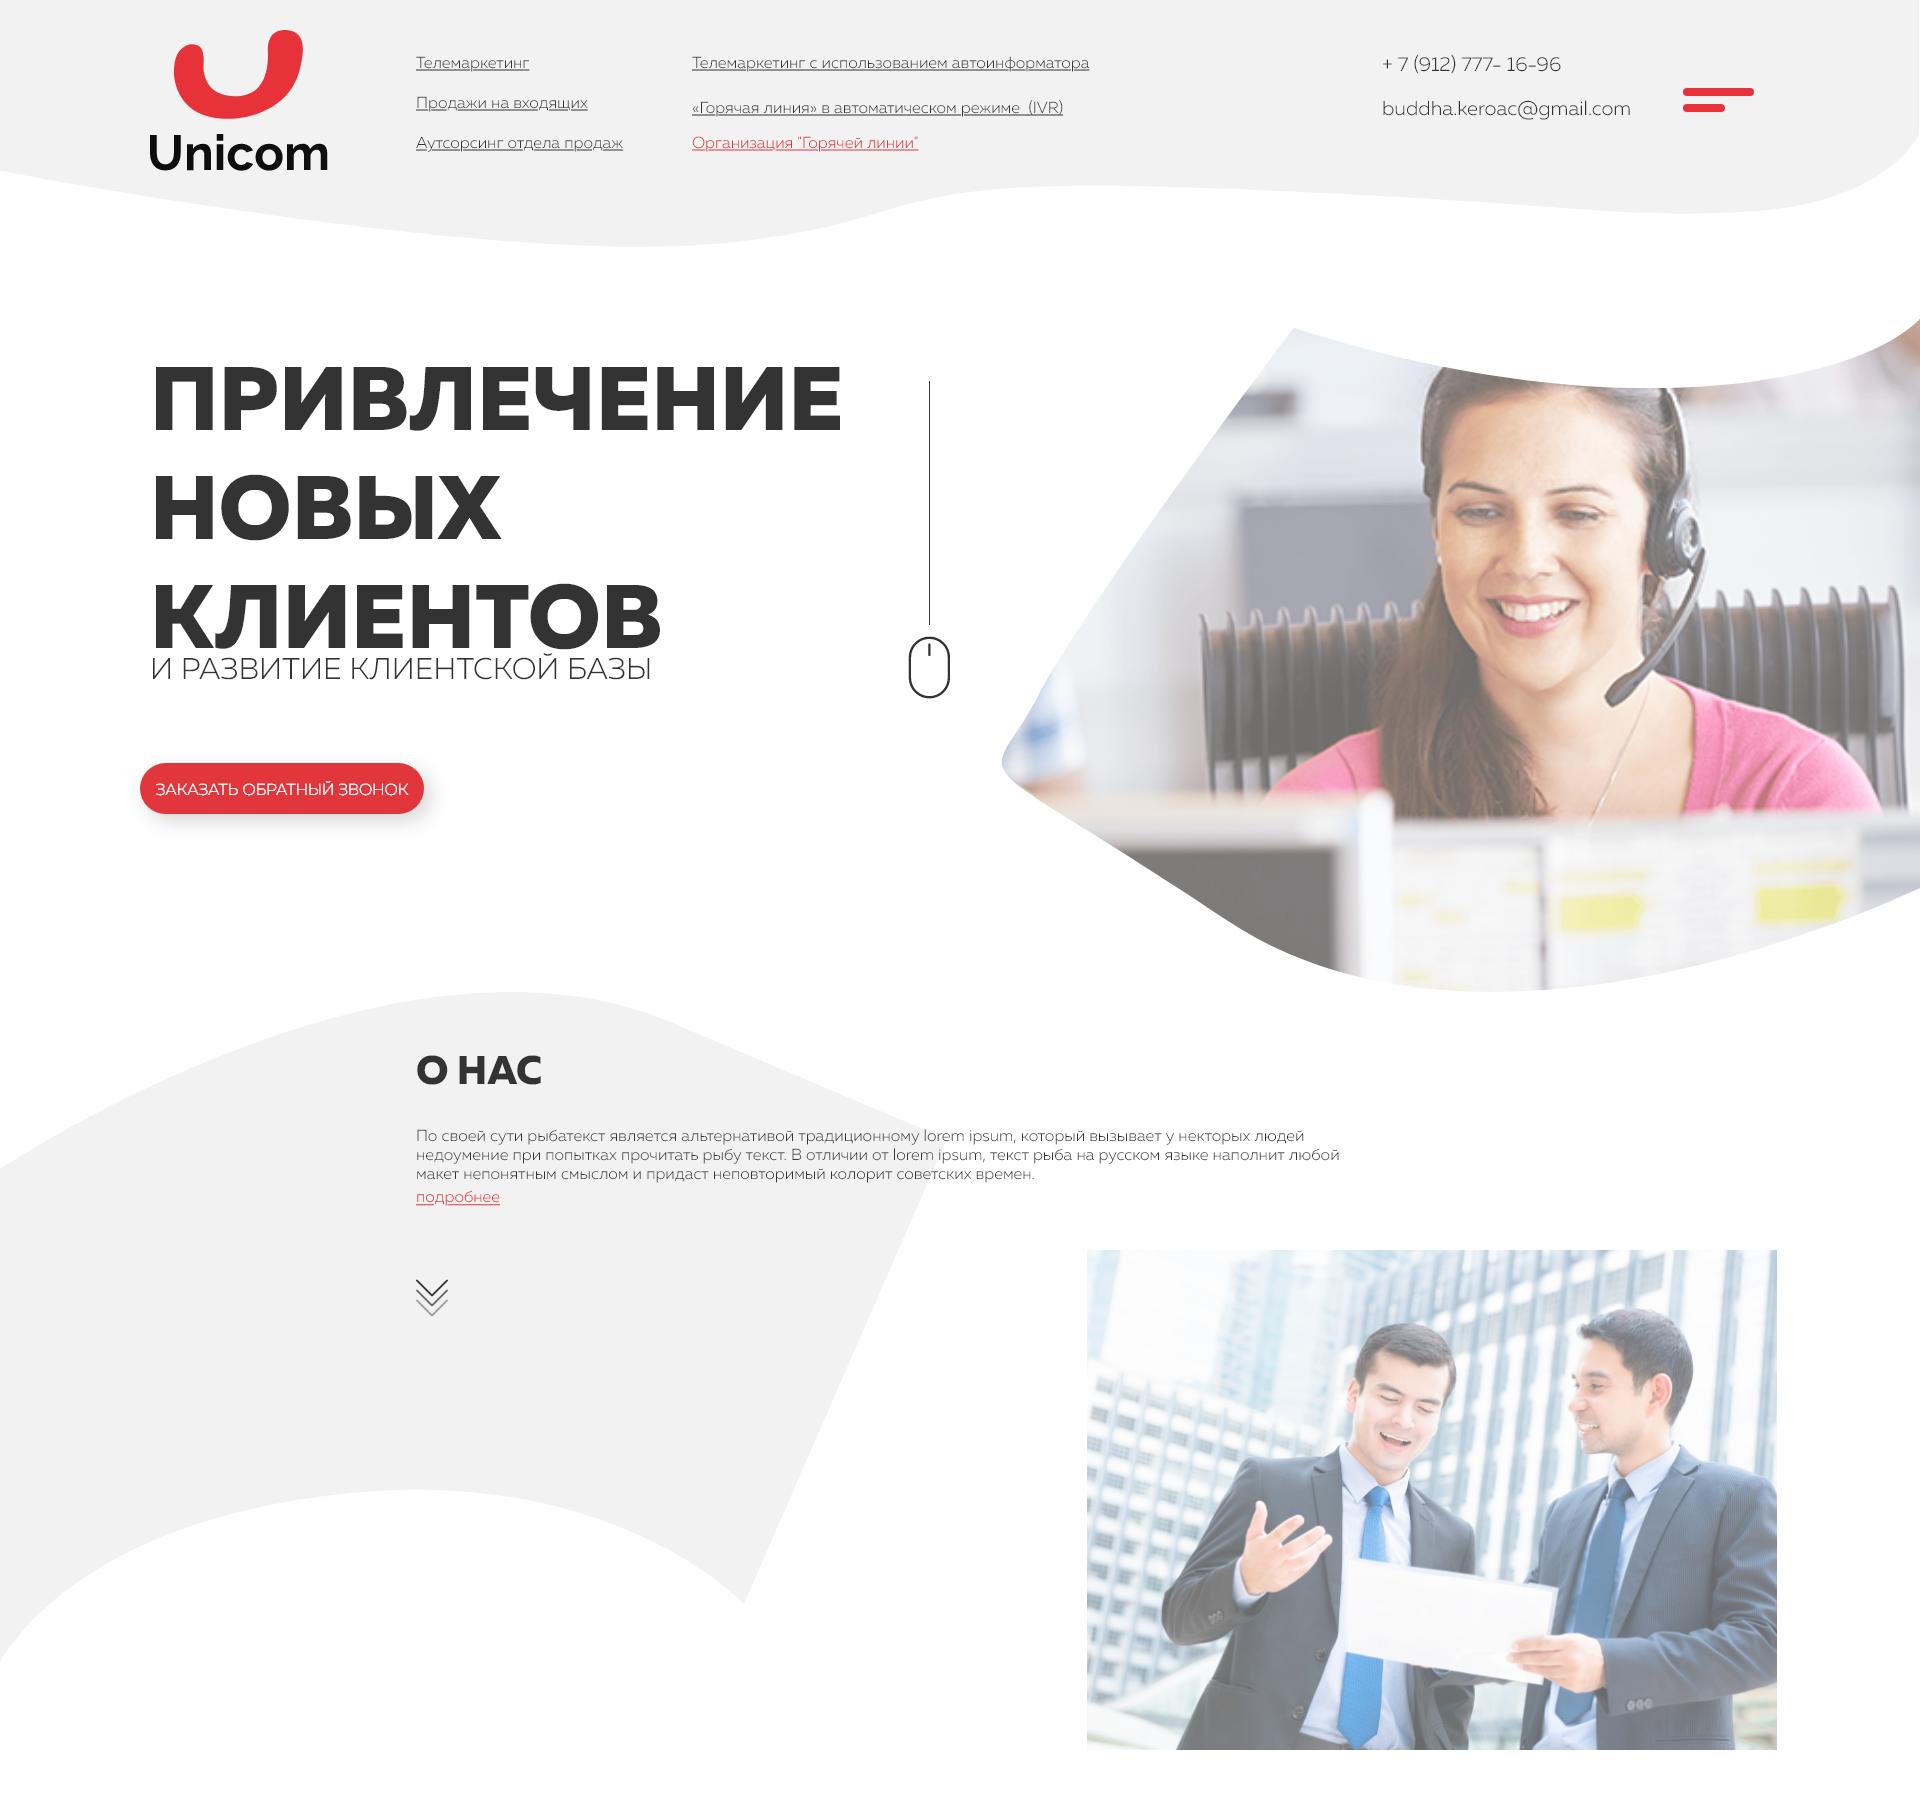 Переделать веб-сайт для sferon.ru фото f_6275b3616248b2dc.png